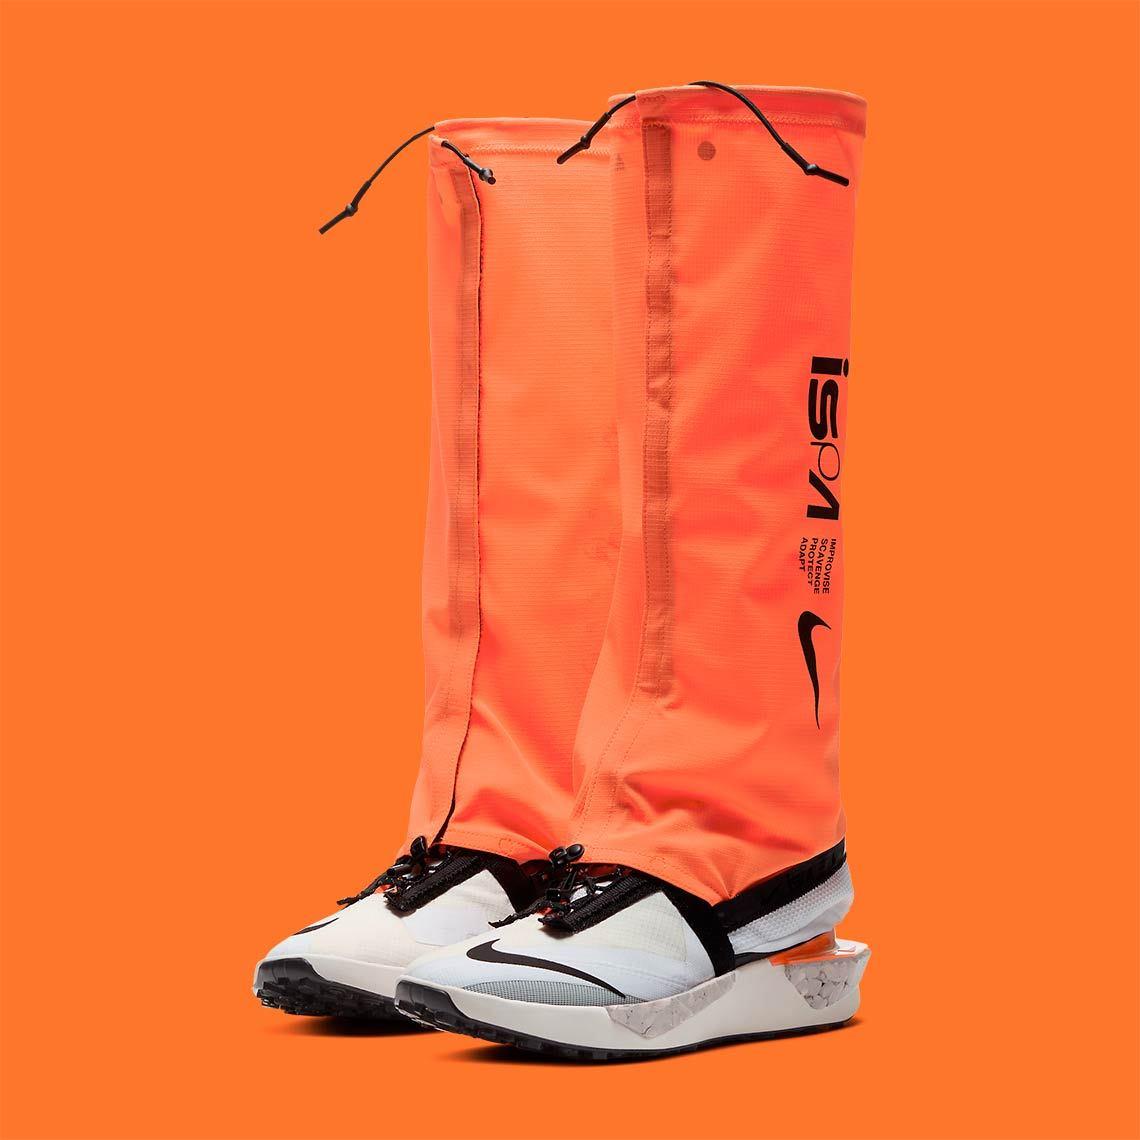 Nike Drifter Gator ISPA Hyper Crimson/Coastal Blue ナイキ ドリフターゲイター ISPA ハイパークリムゾン/コースタルブルー CI1392-100/CI1392-400